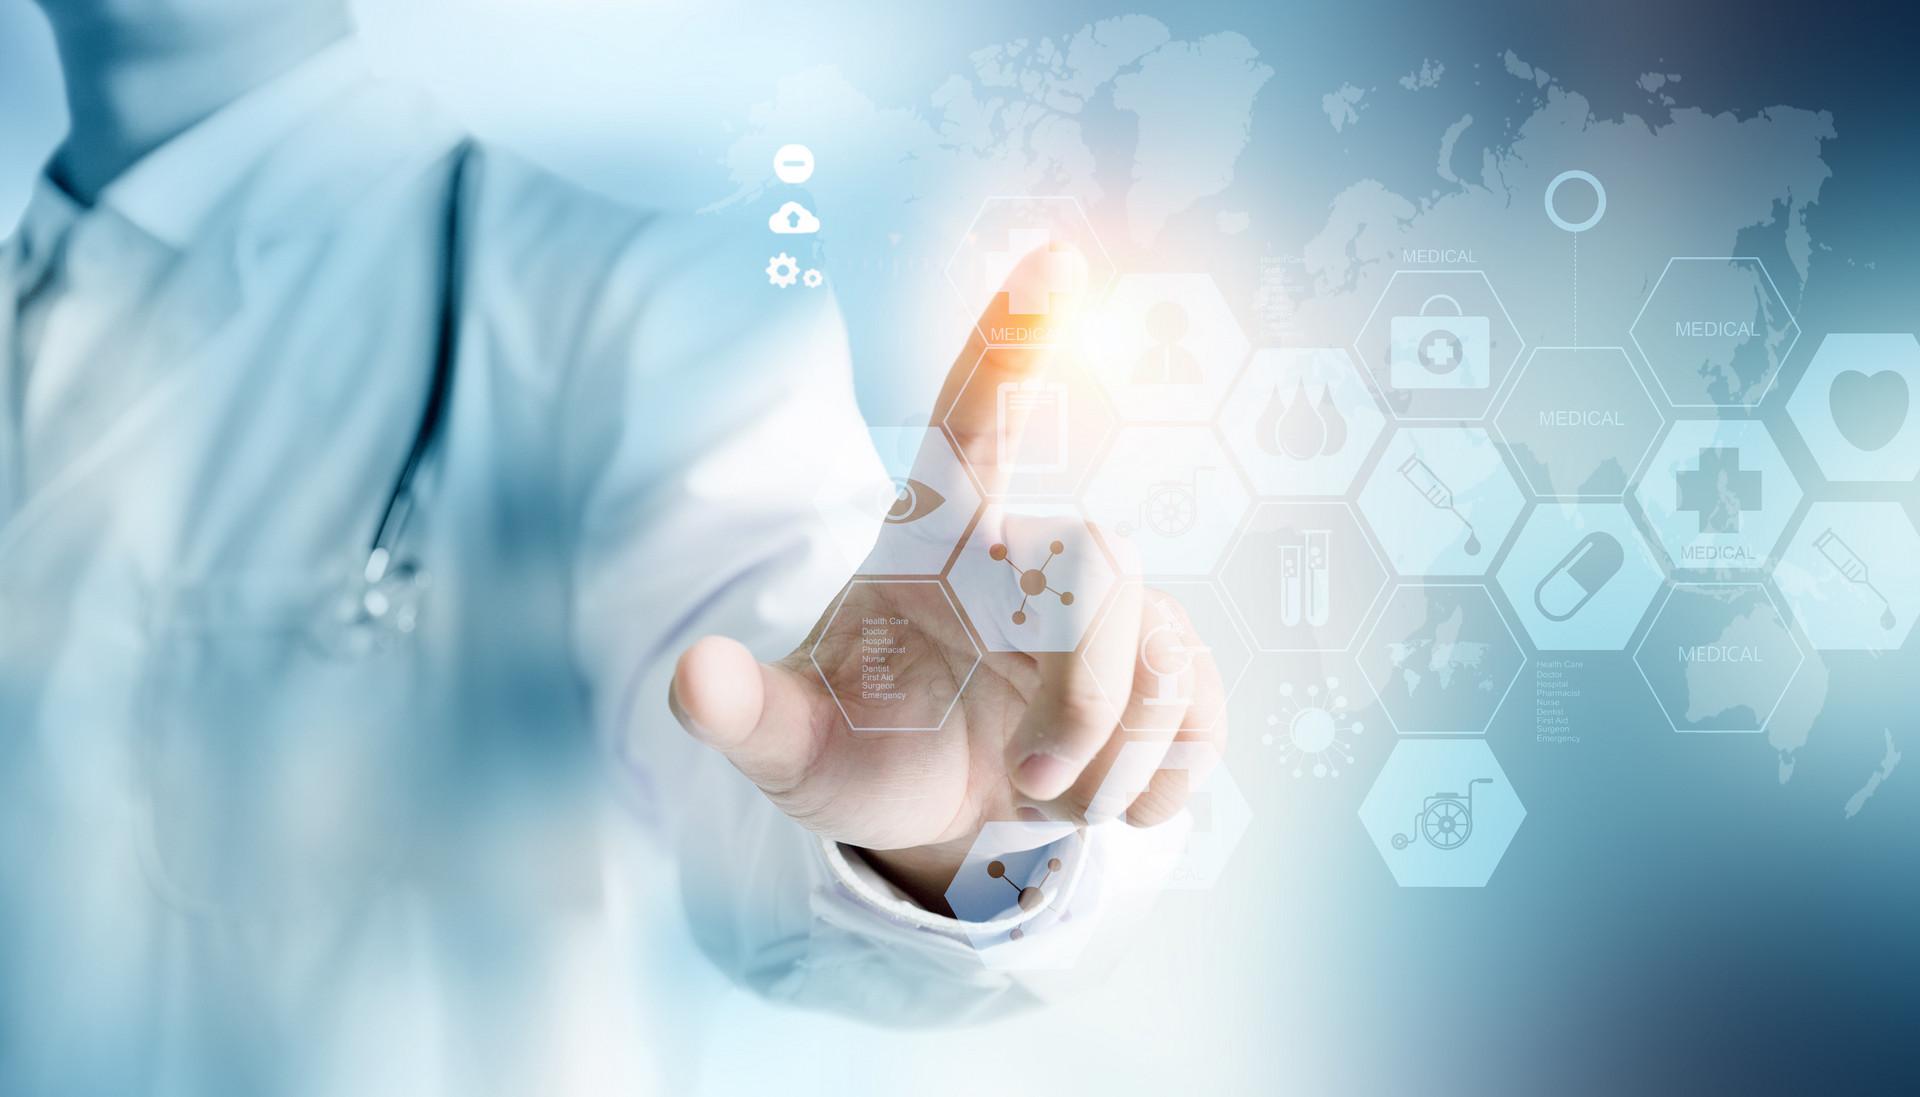 买商业医疗保险的作用及好处